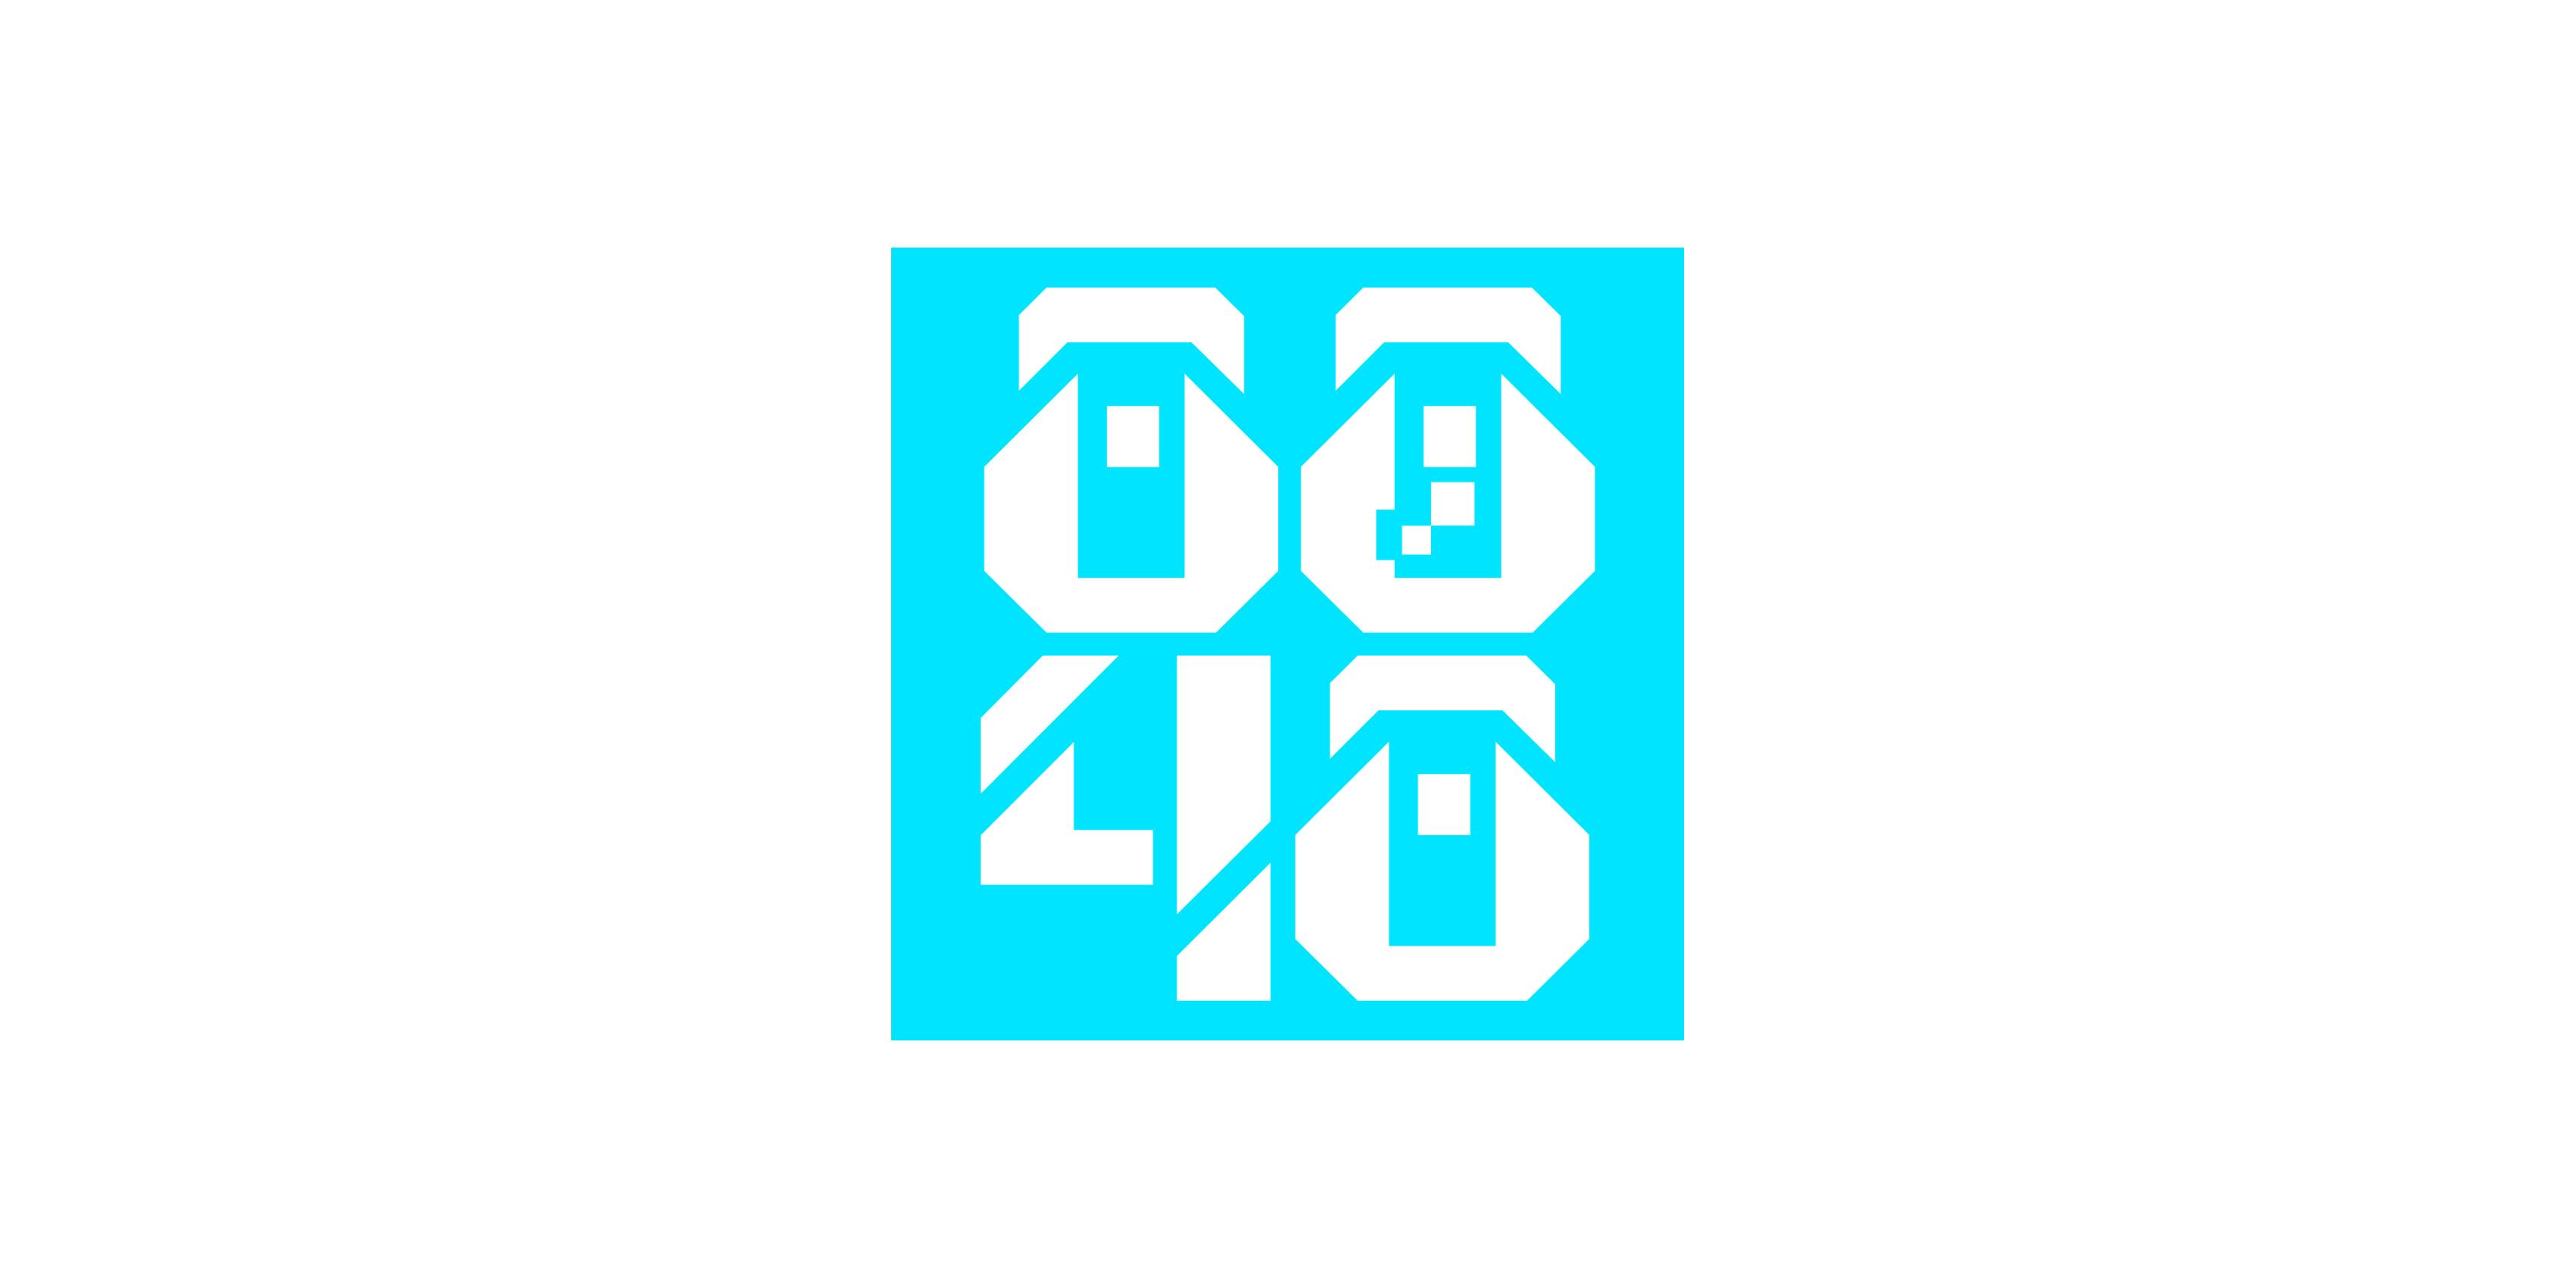 电商网站logo设计(内容有补充)_2964525_k68威客网